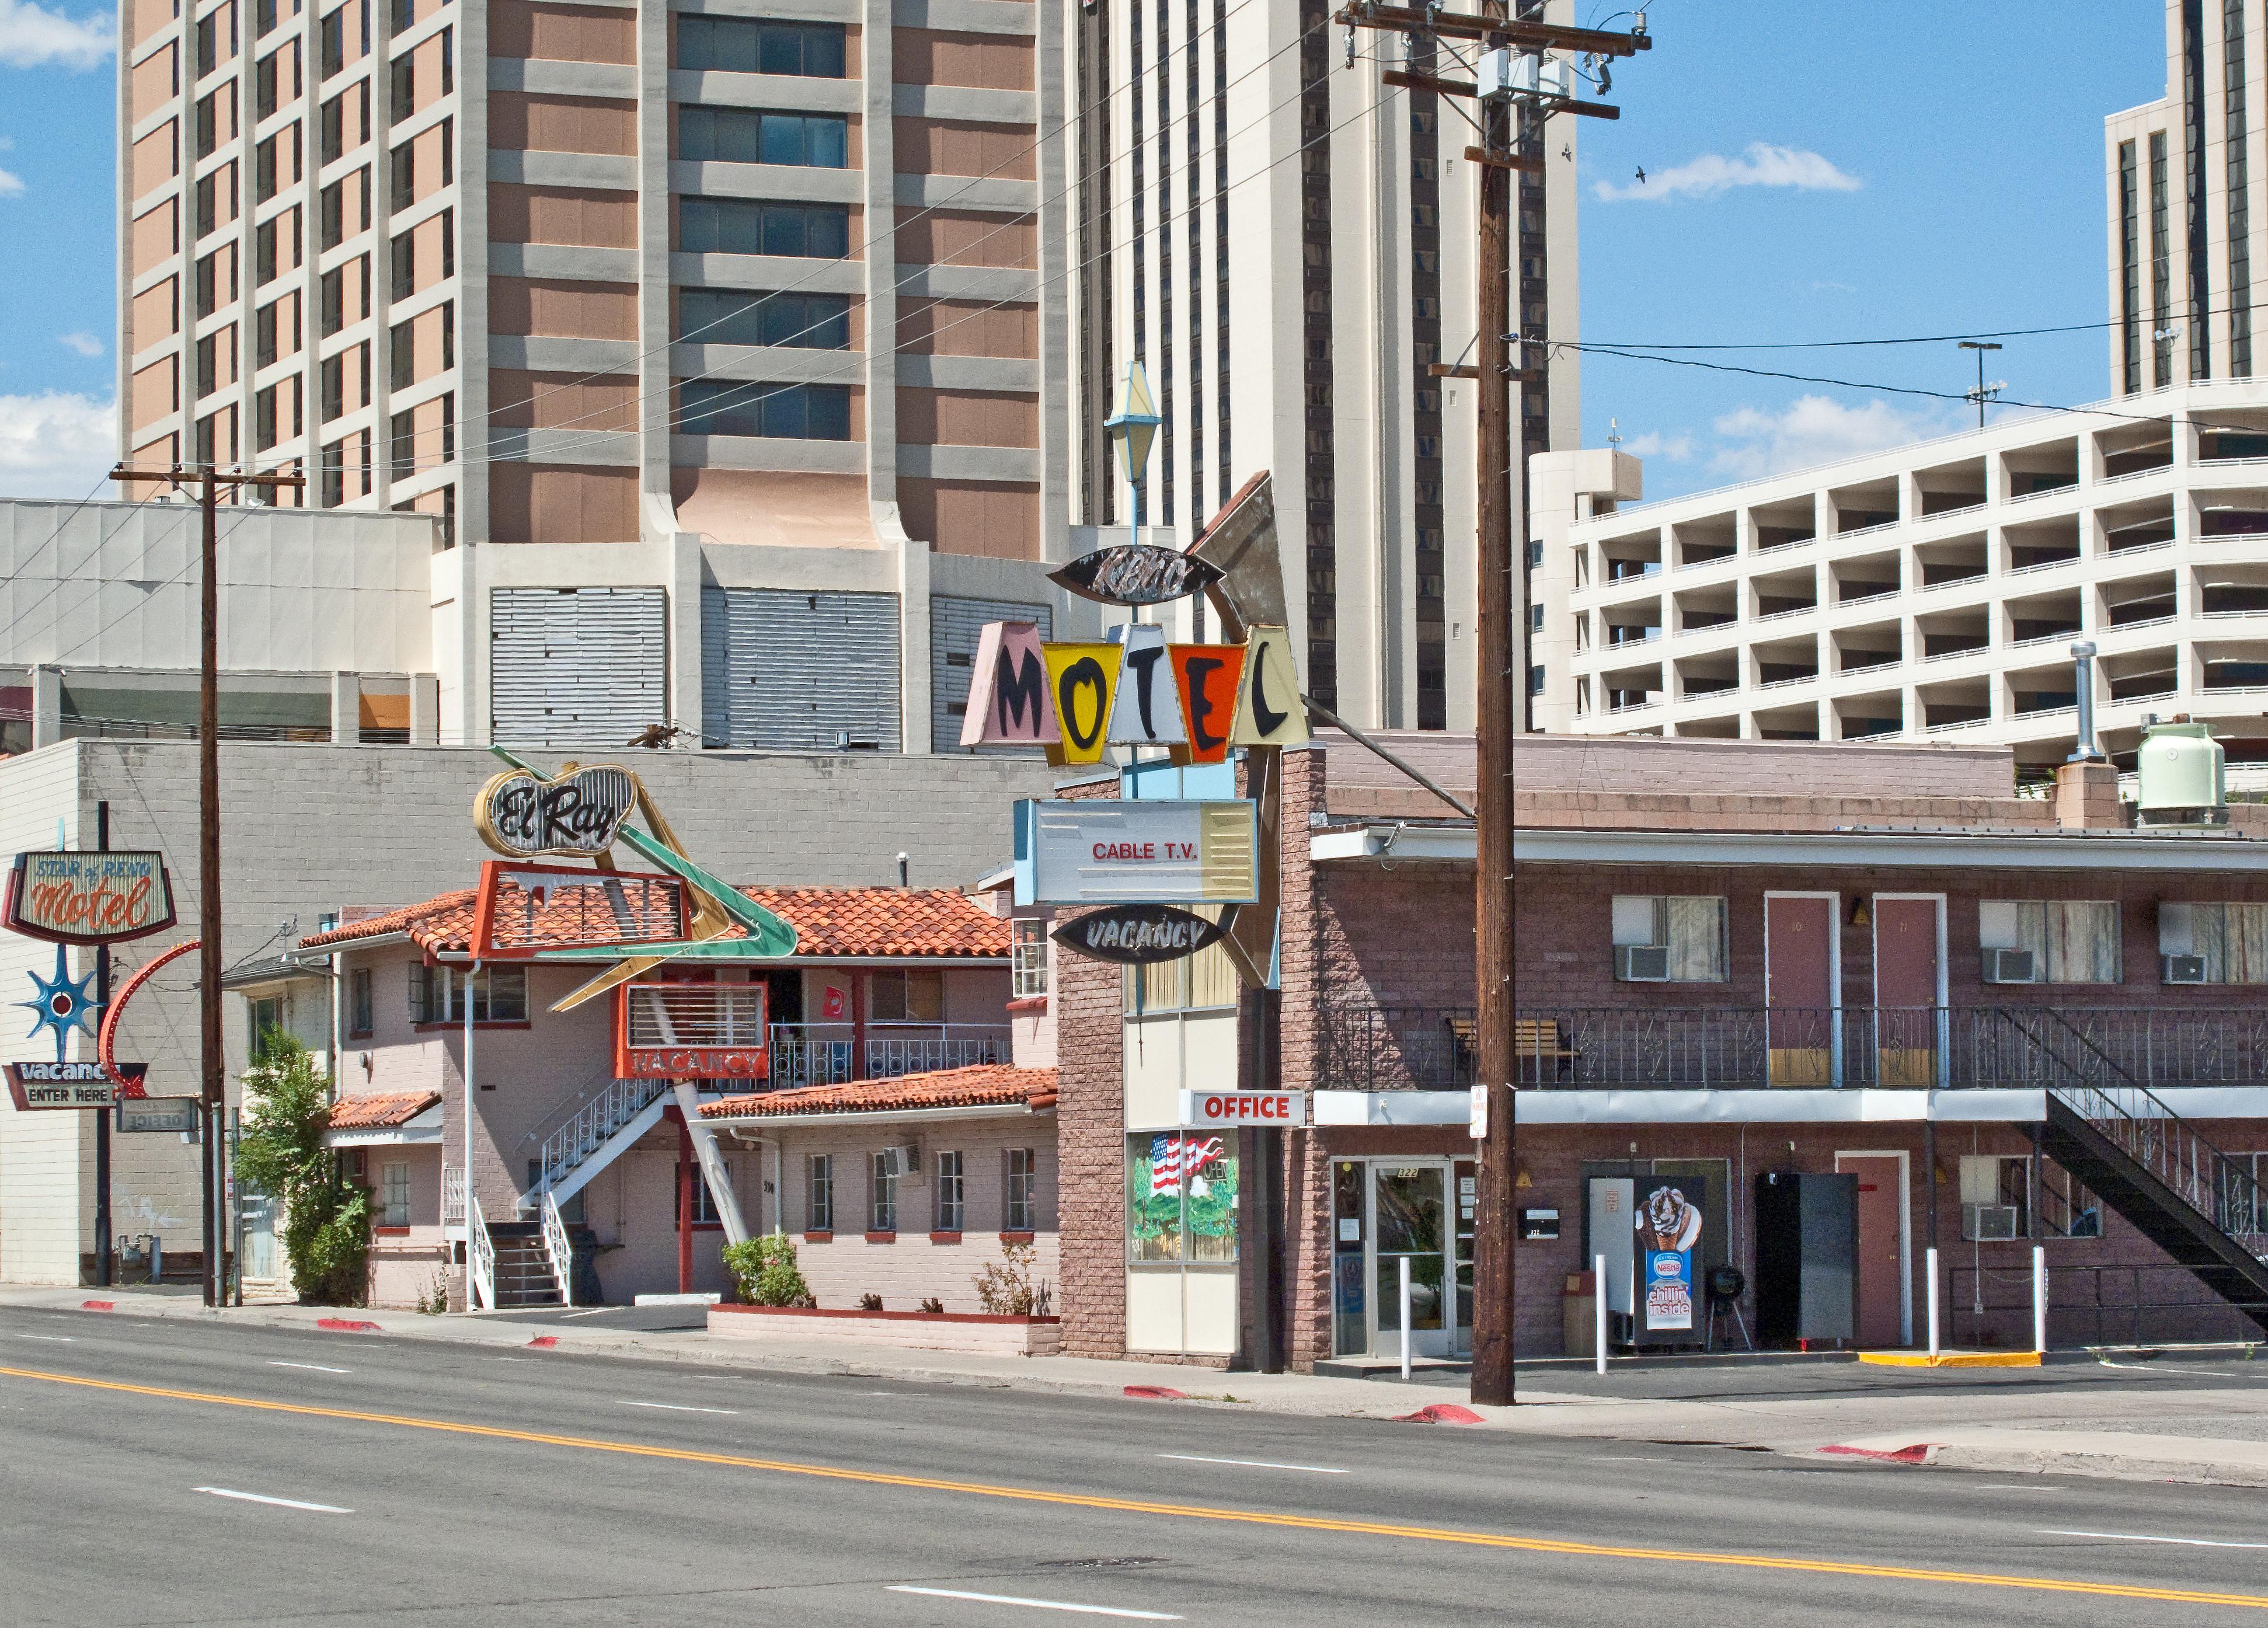 Motels In Cloverdale Ca